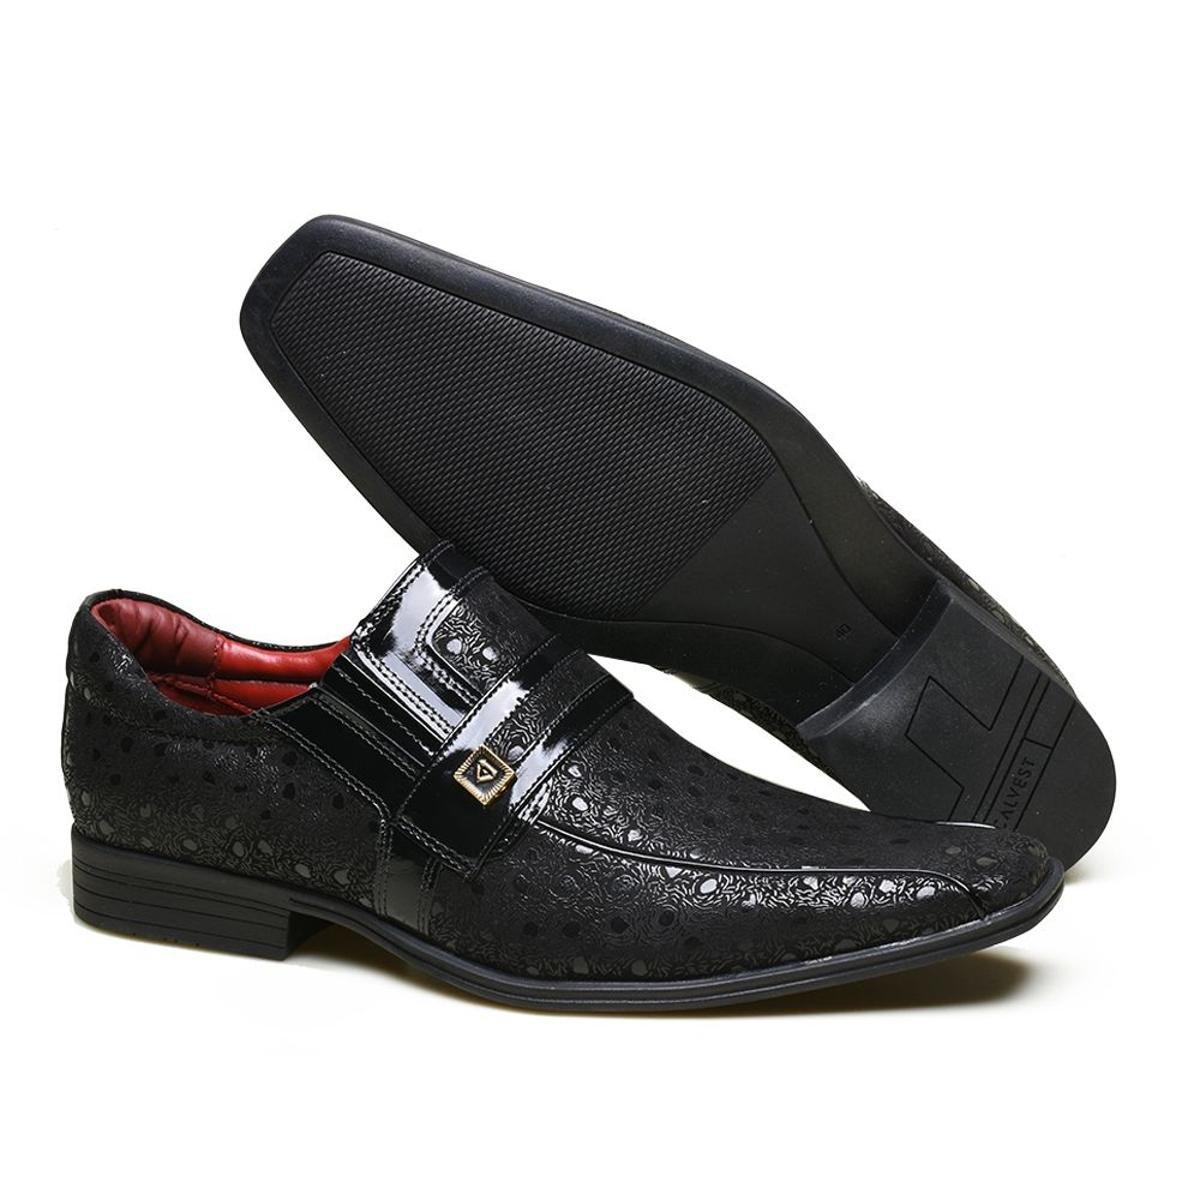 Sapato em Couro Textura Calvest Social Sapato Couro Preto com Social com Textura em 0Pqr08